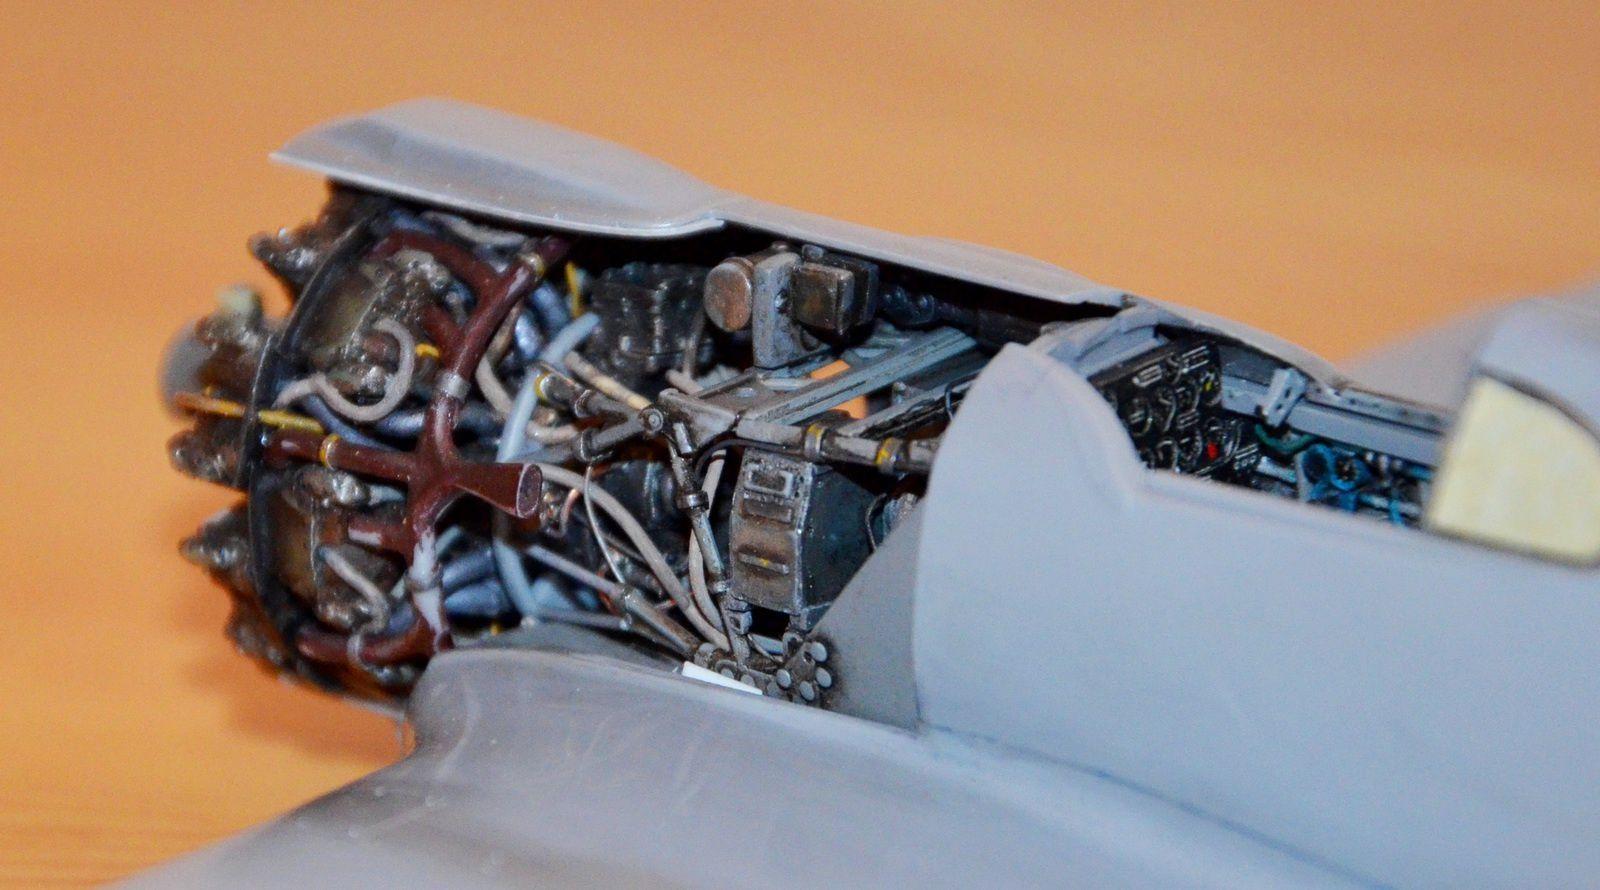 Vue de l'échappement creusé (photo de gauche) et de la petite tôle en carte plastique ajoutée et dépassant autour du coté gauche du corps de prise d'air frontale (en blanc sur la photo).